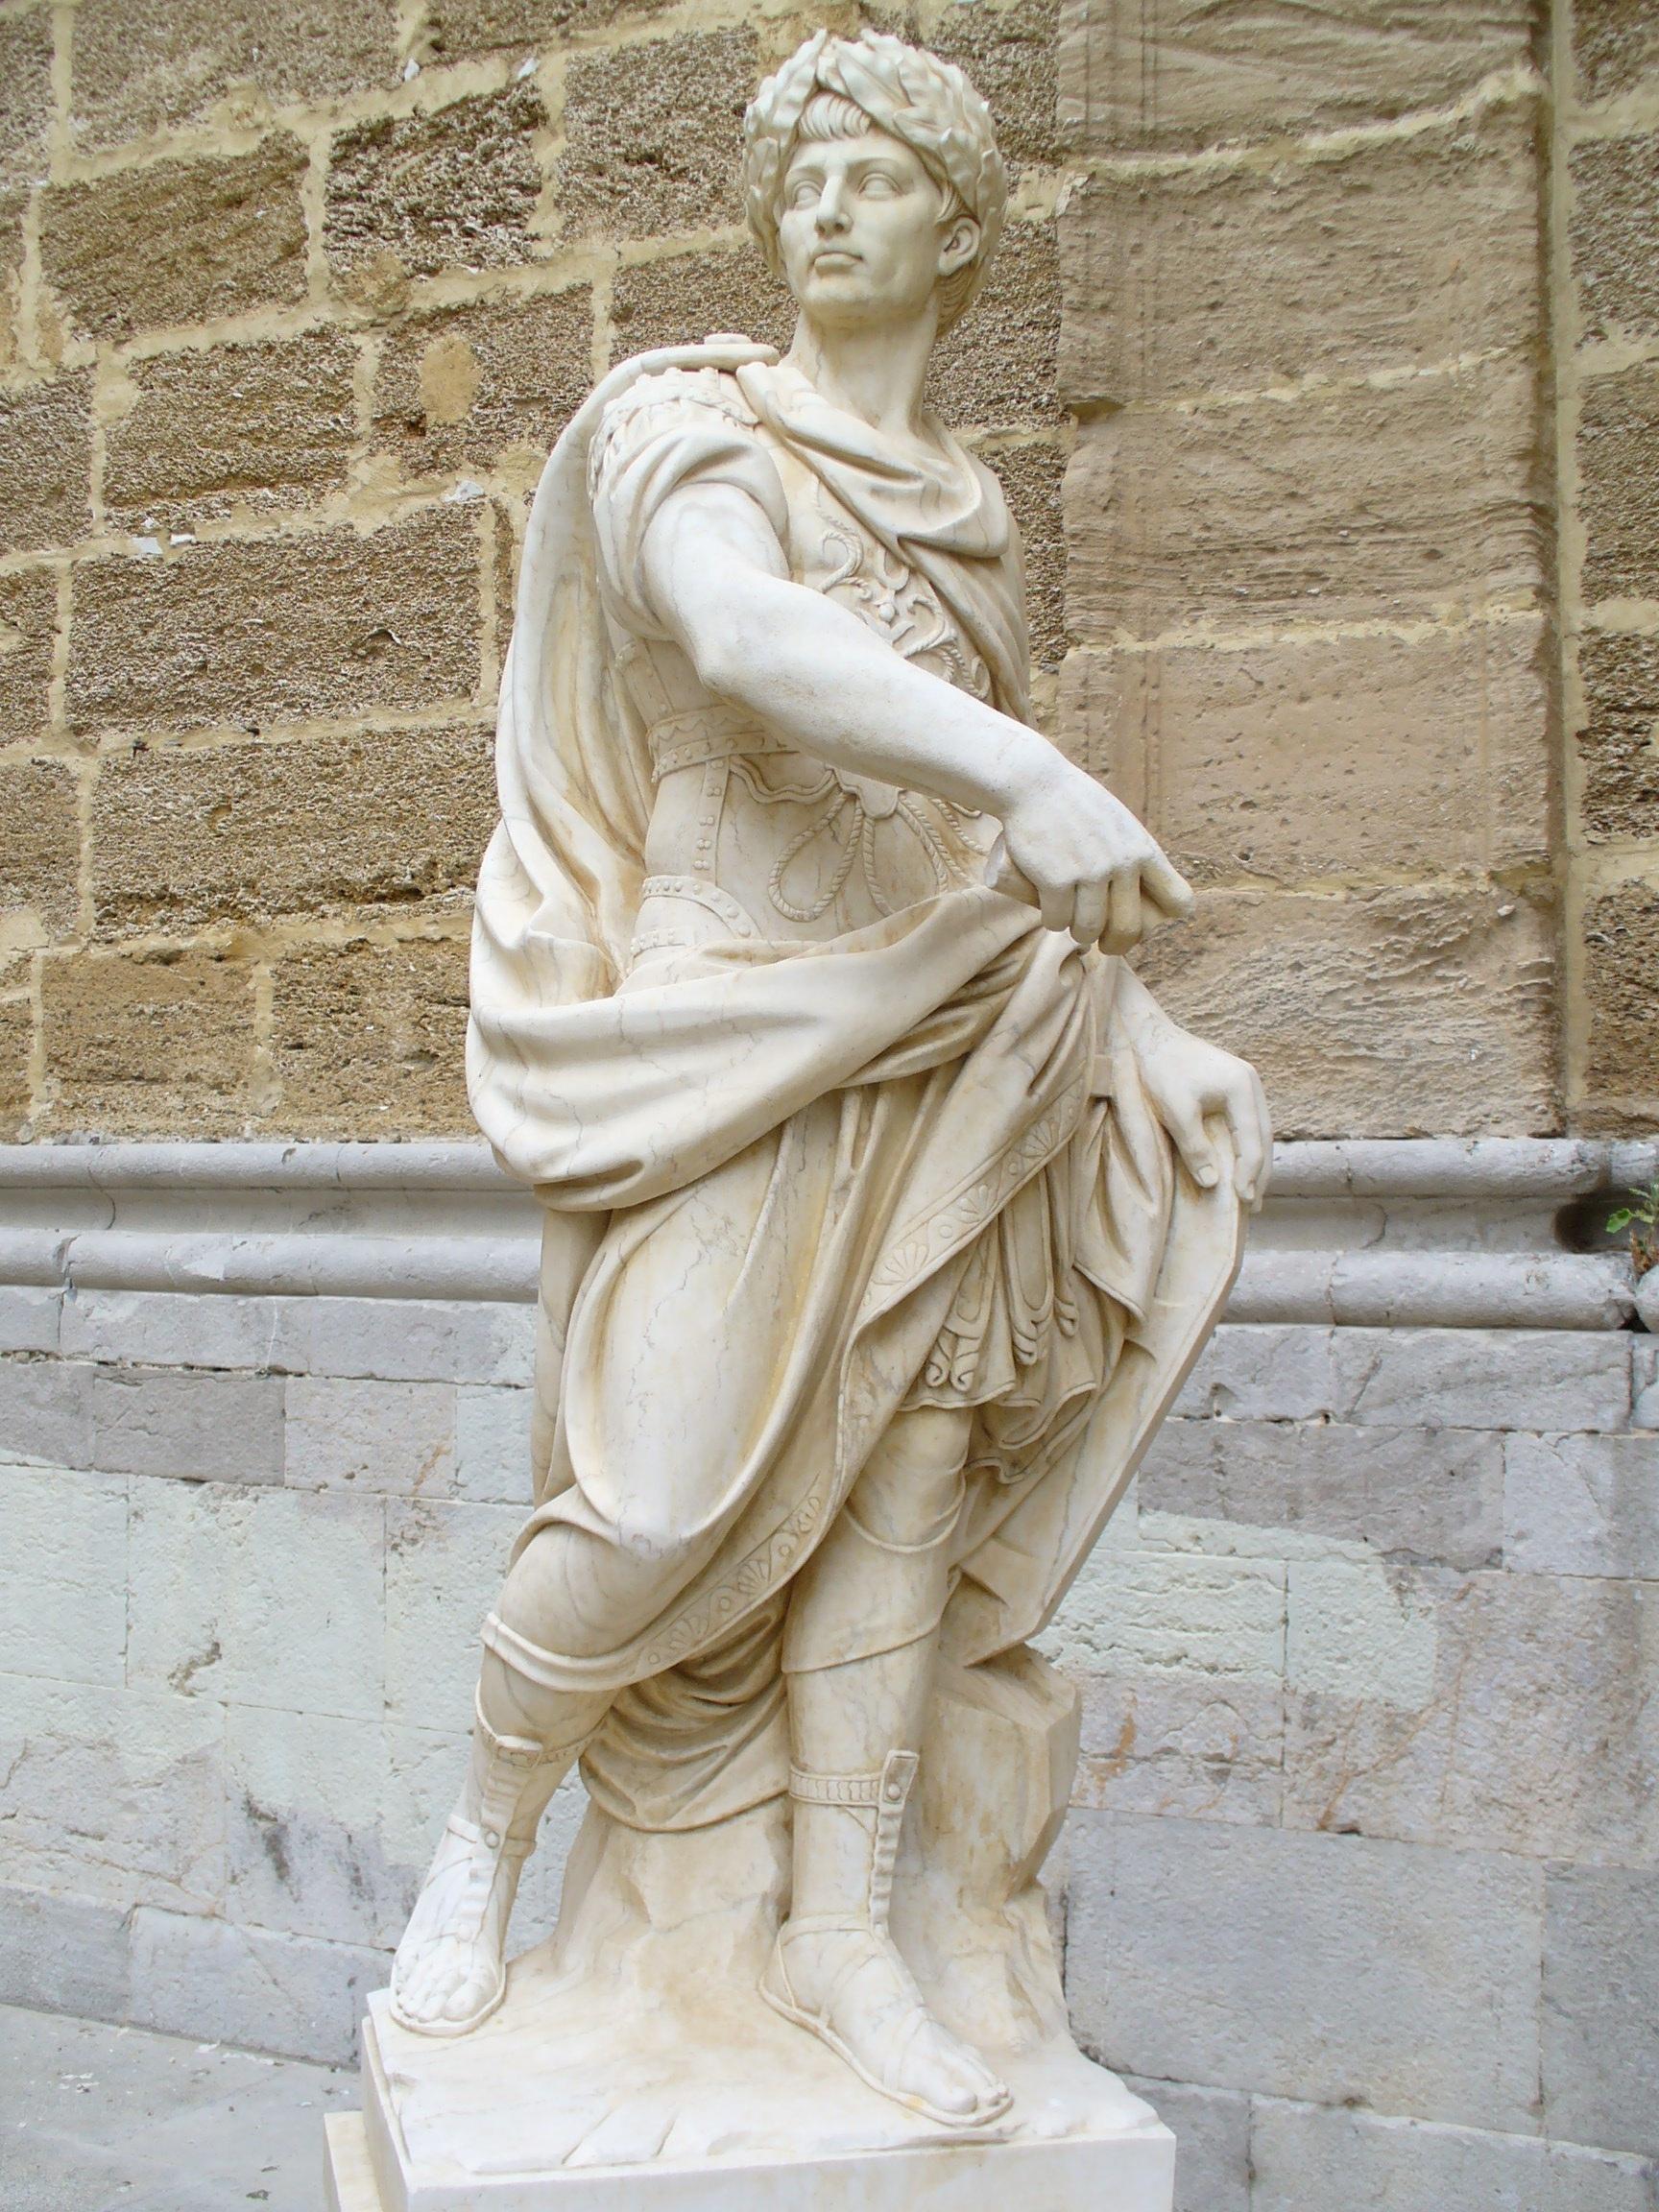 фото скульптуры людей большинство внедрений вполне